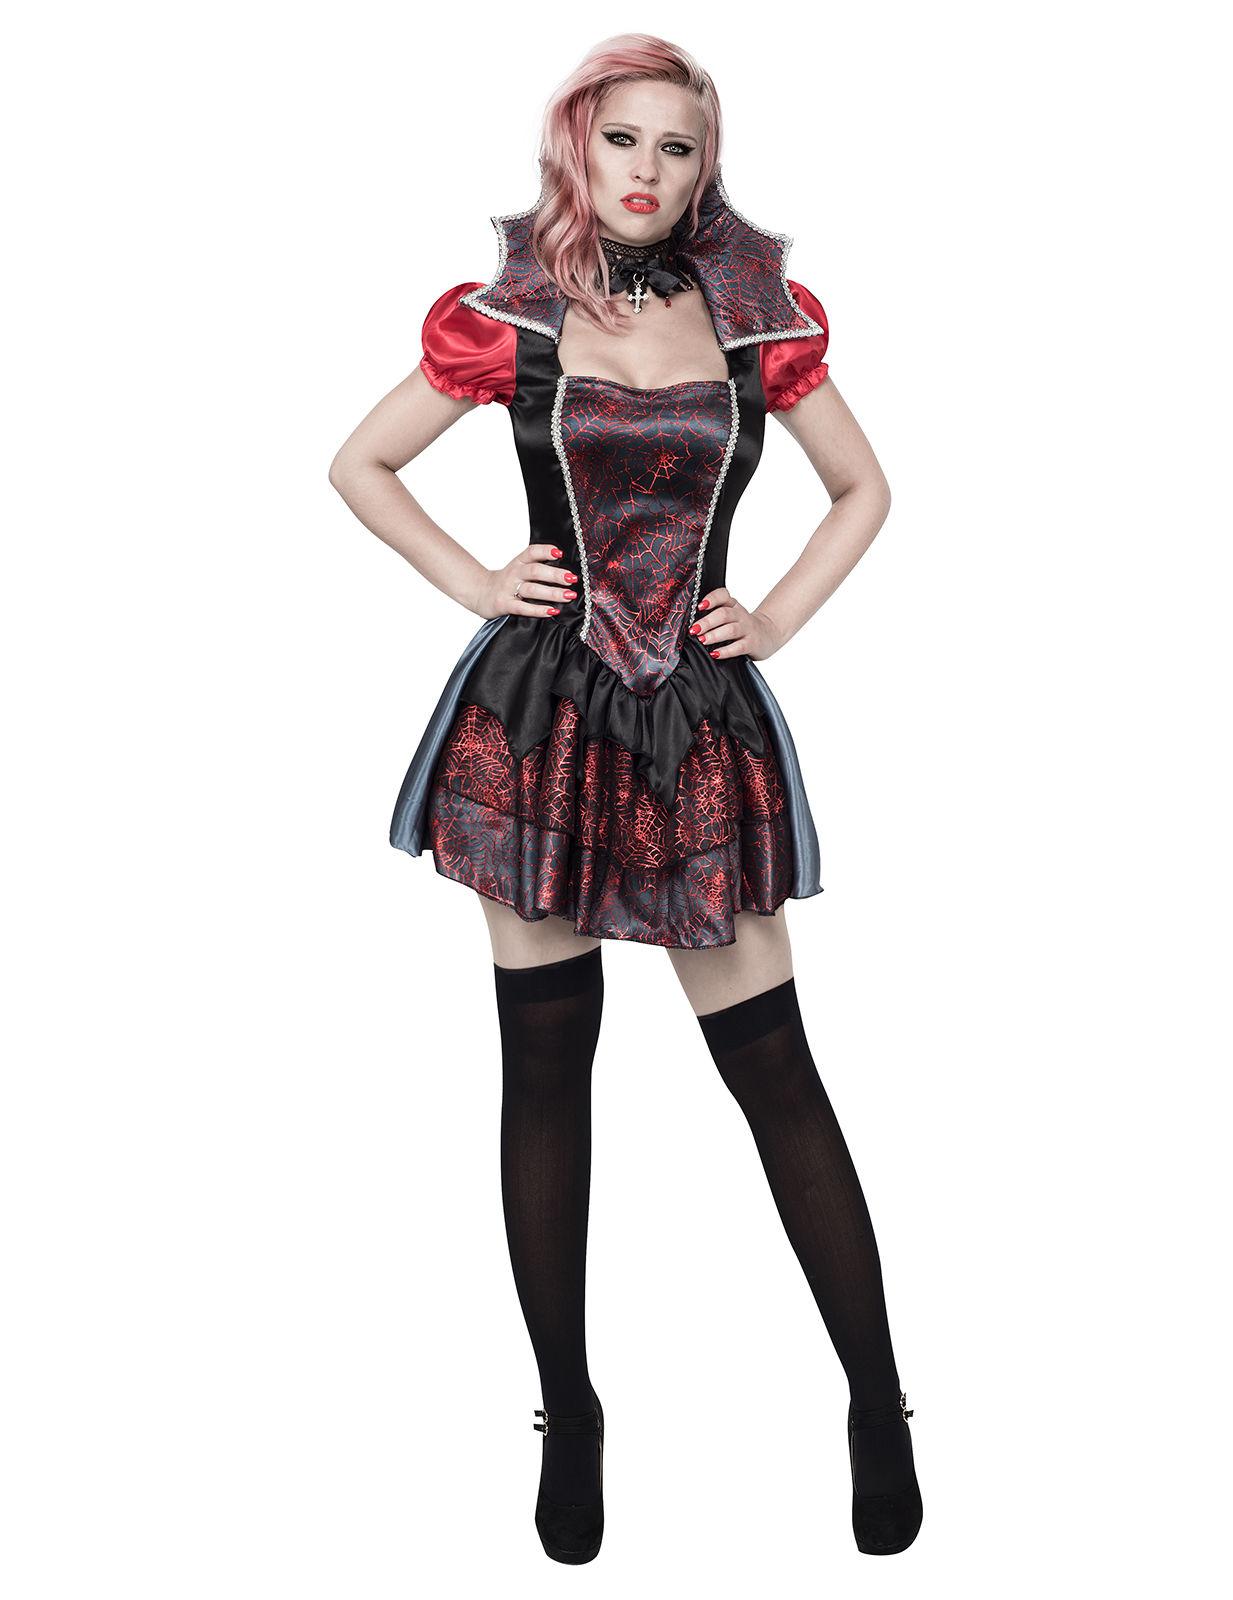 Tjusig vampyrklänning - Halloweenkostym för vuxna cdca2e35297cb